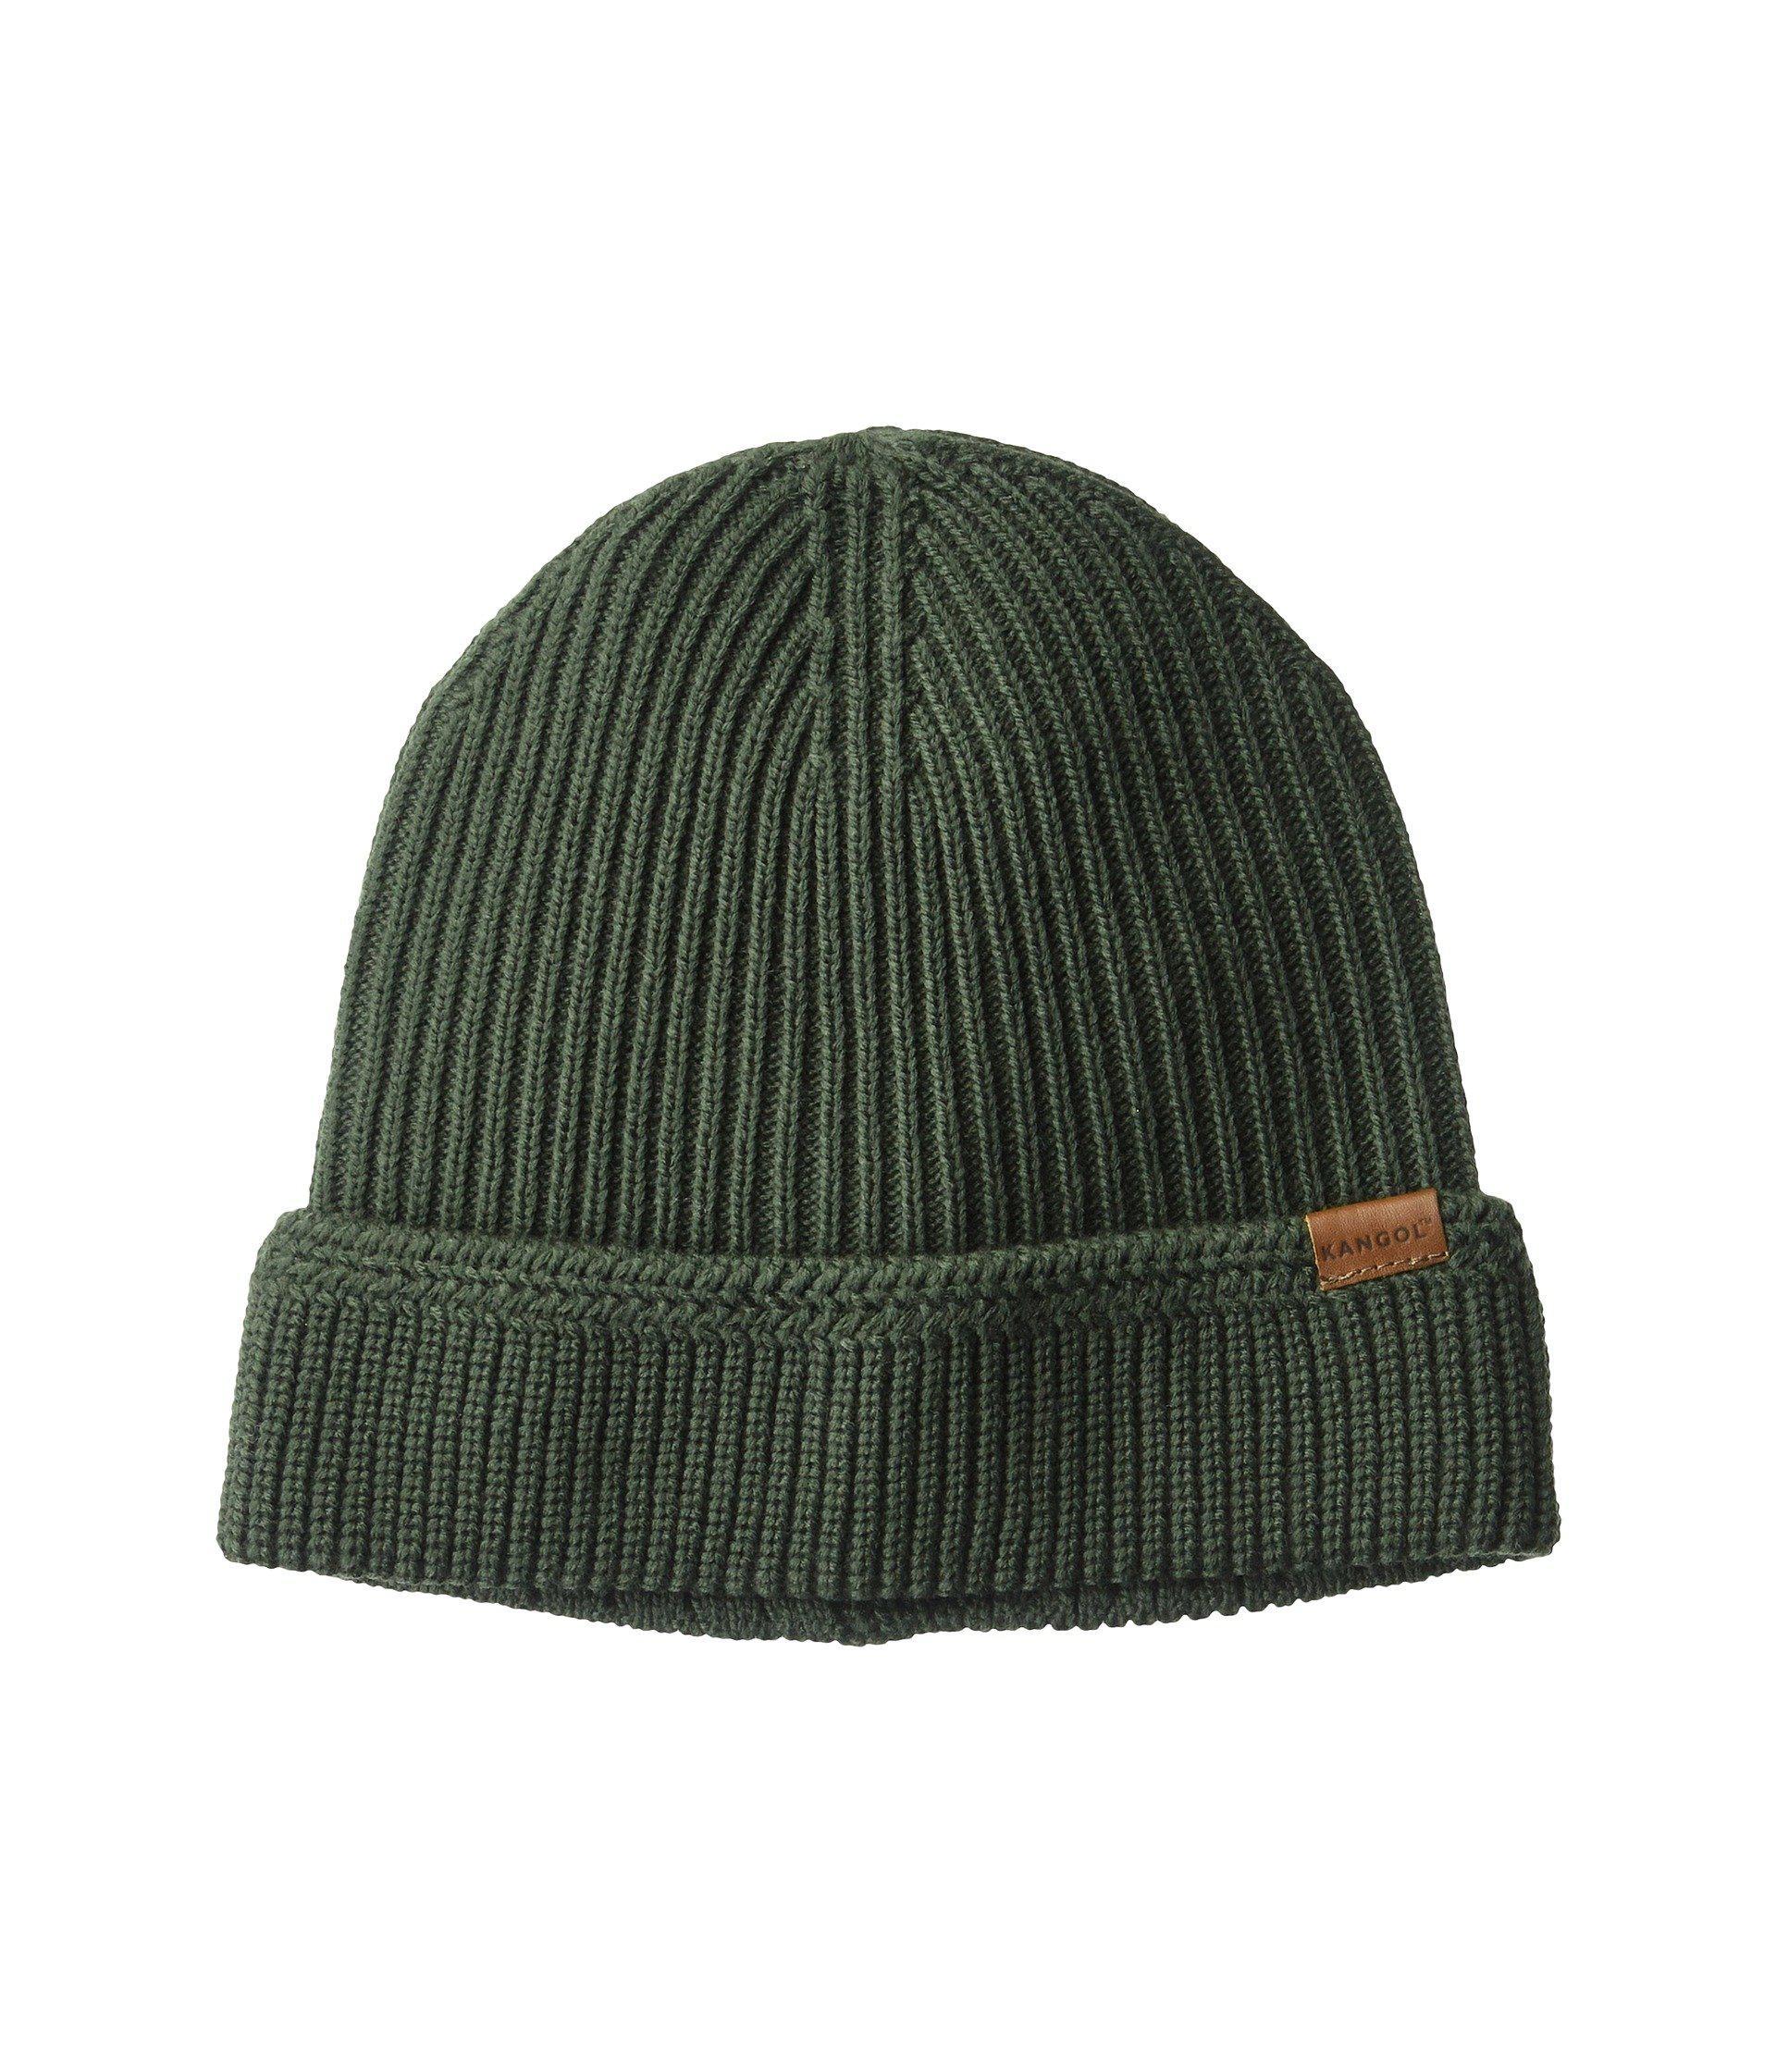 Headwear Squad Fully Fashioned Cuff Pull-On Beanie Hat Kangol hr9Kb